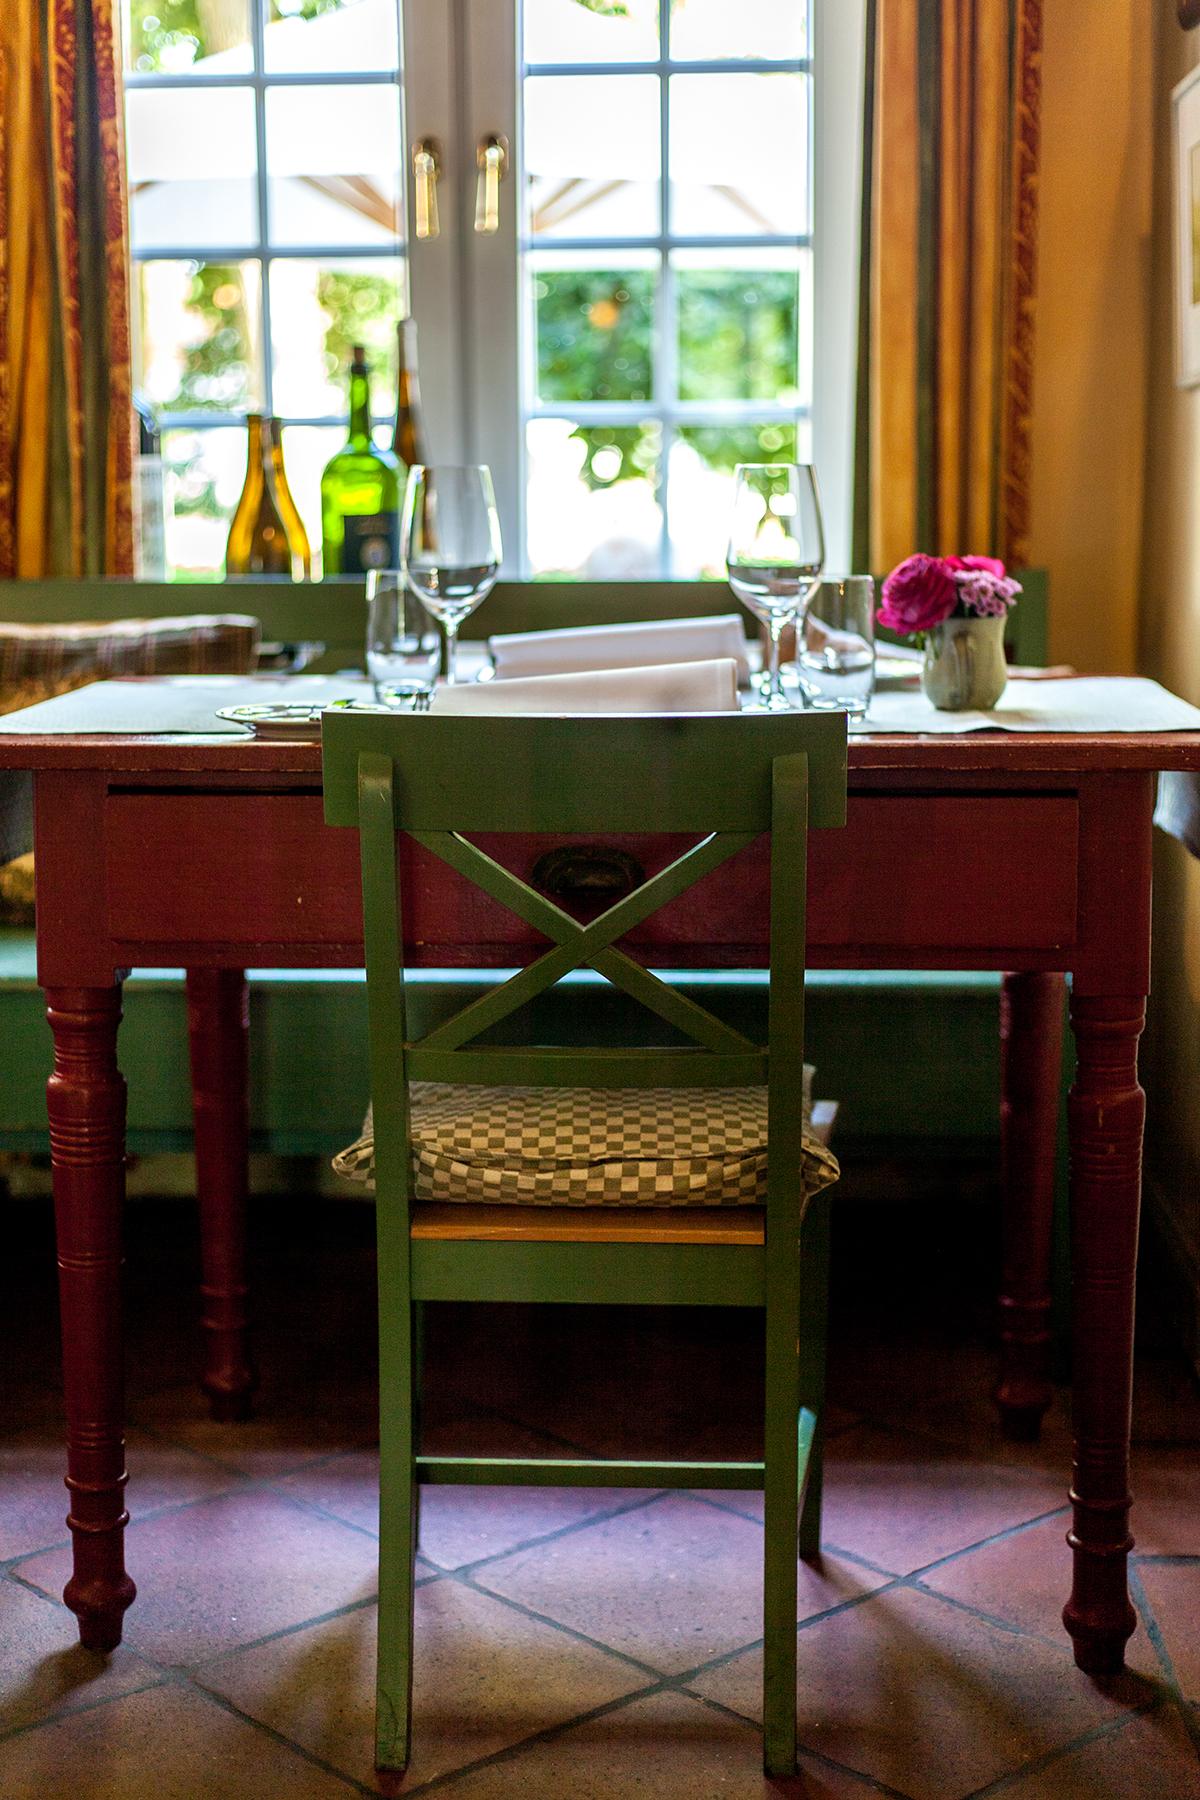 gut panker ole liese hotel 163 f rde fr ulein. Black Bedroom Furniture Sets. Home Design Ideas